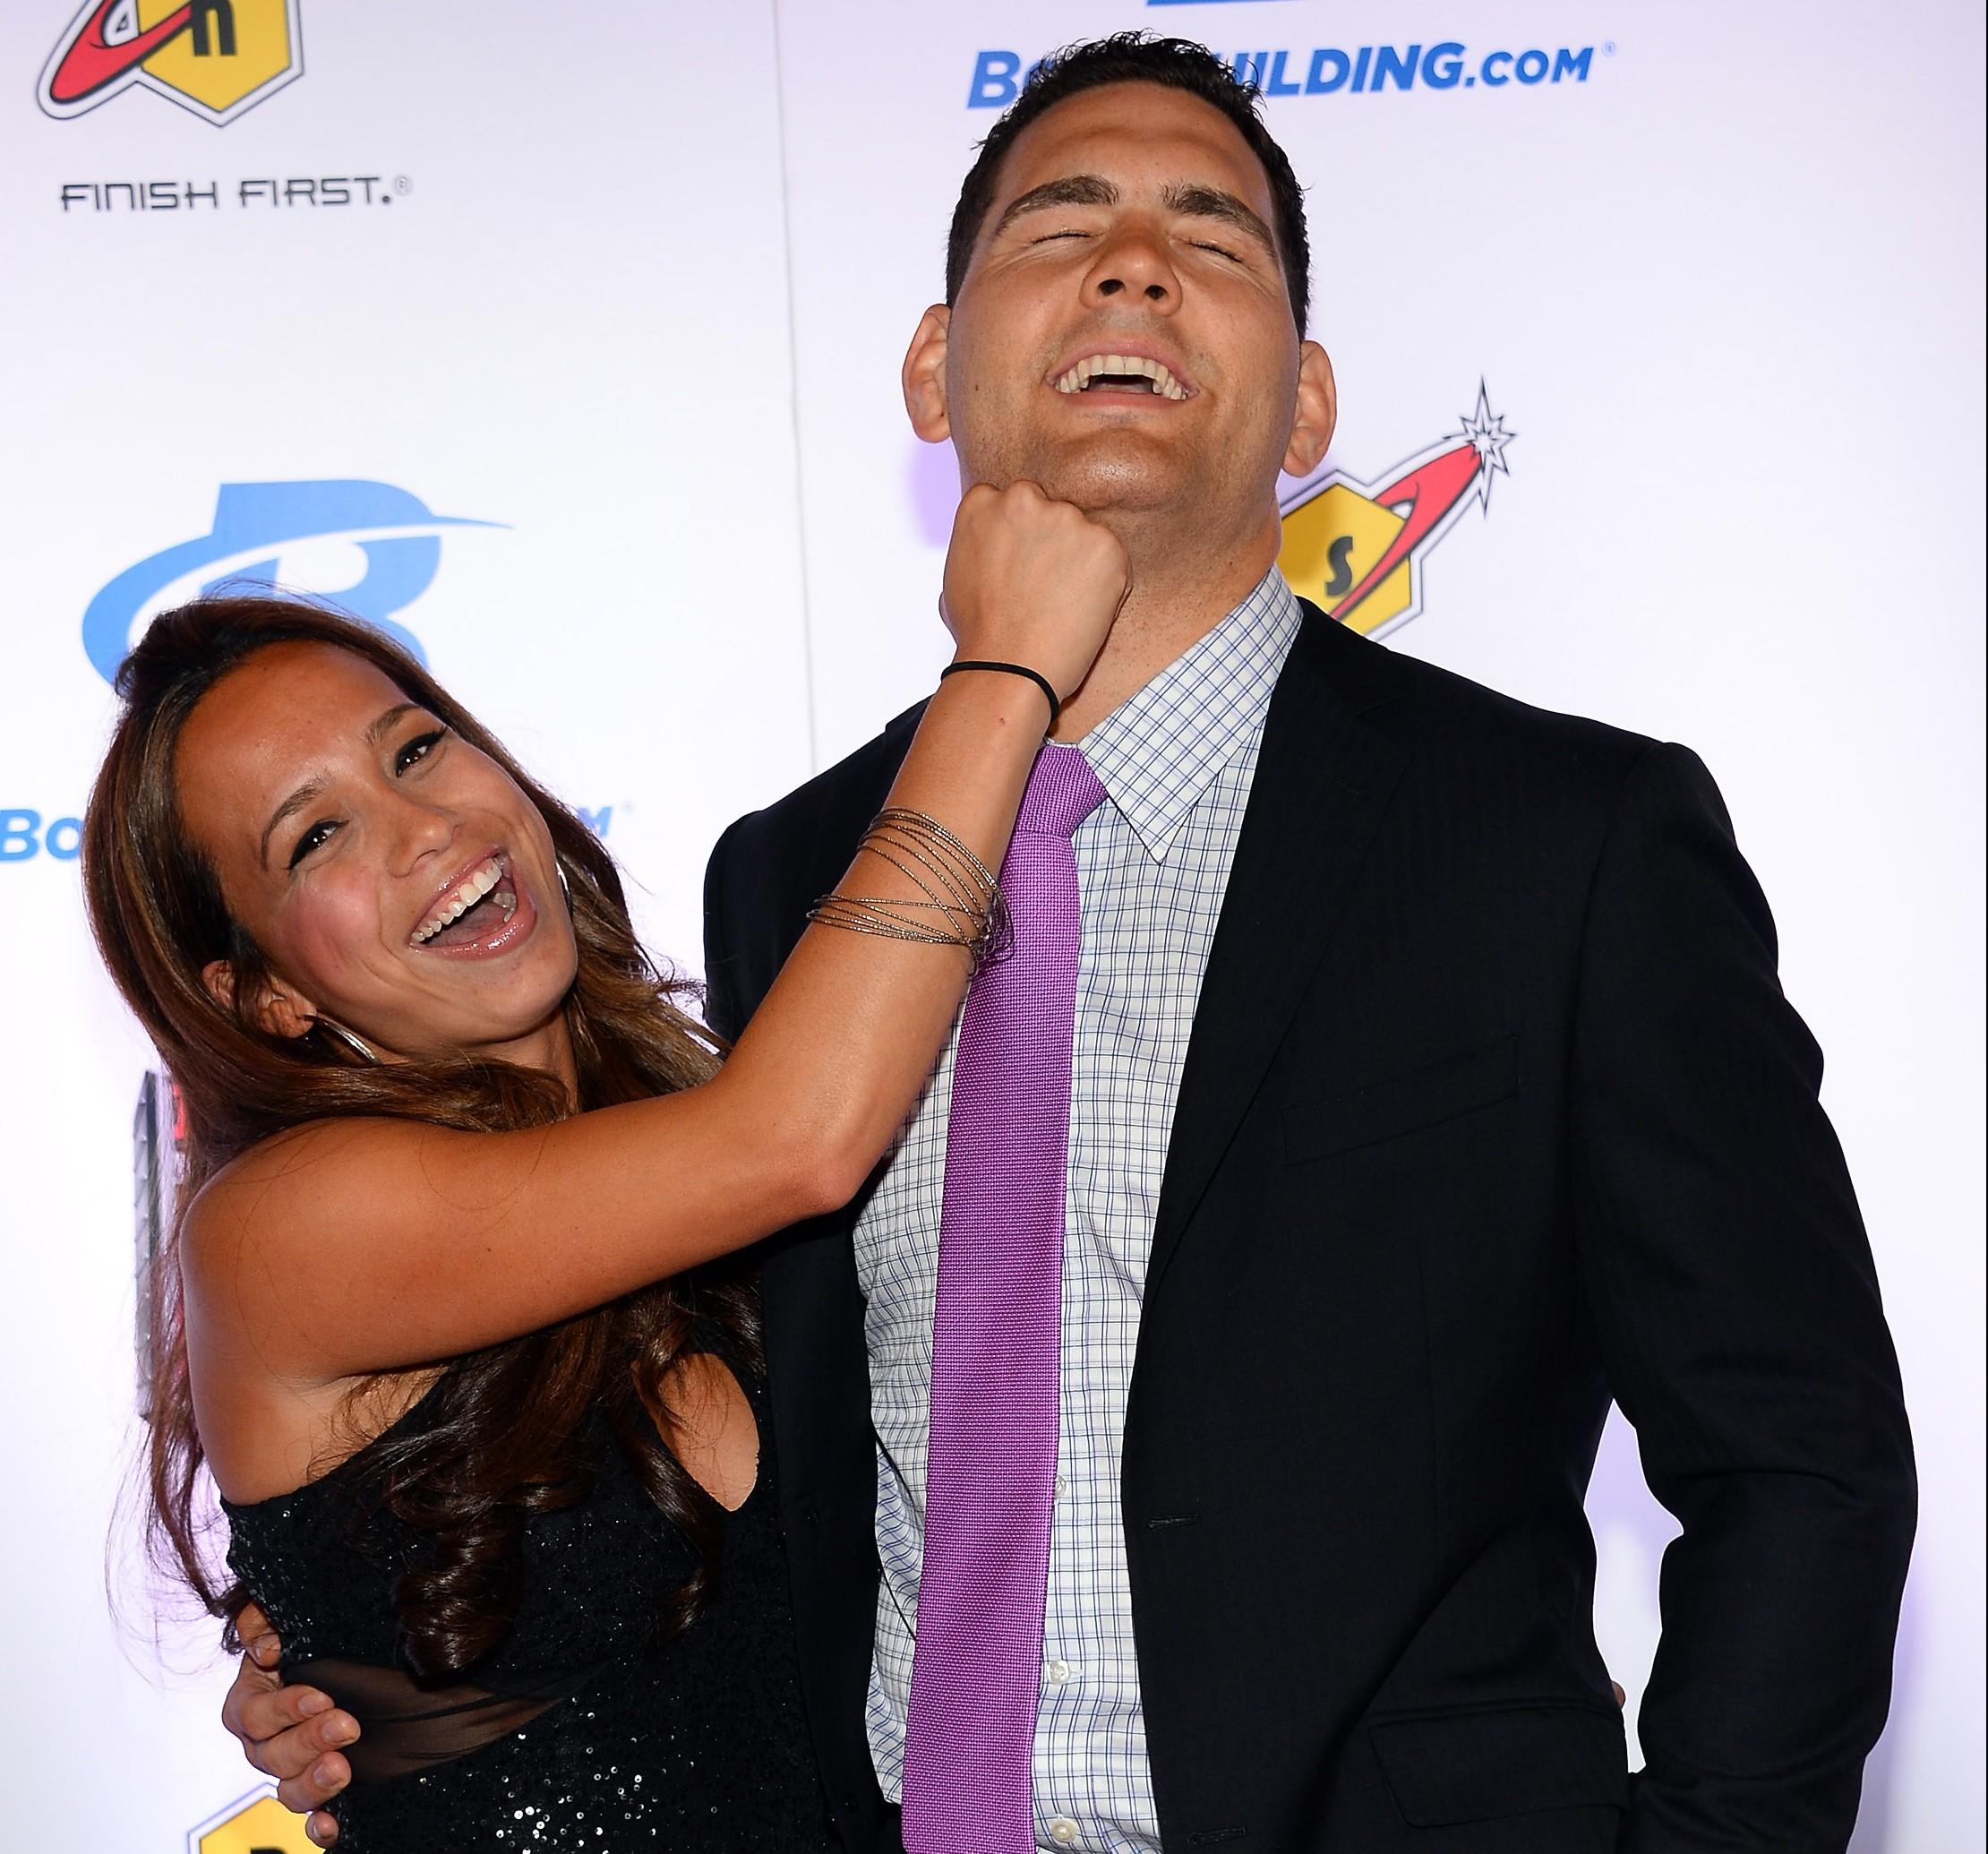 Marivi Weidman, Chris Weidman wife, UFC 187